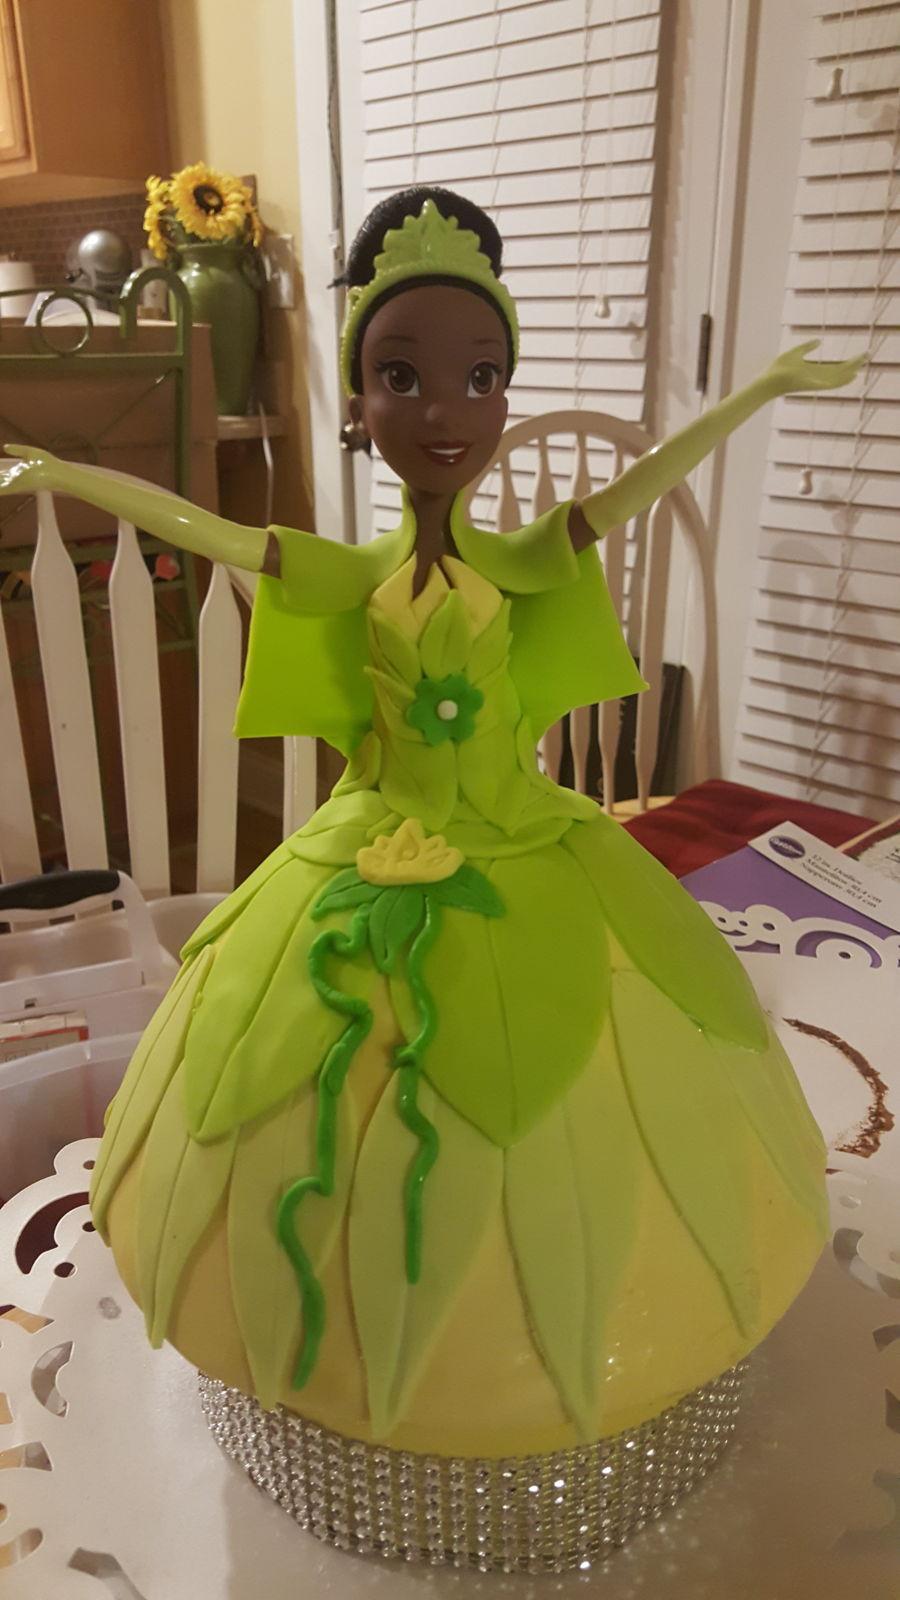 Disney Princess Tiana Cake Cakecentral Com